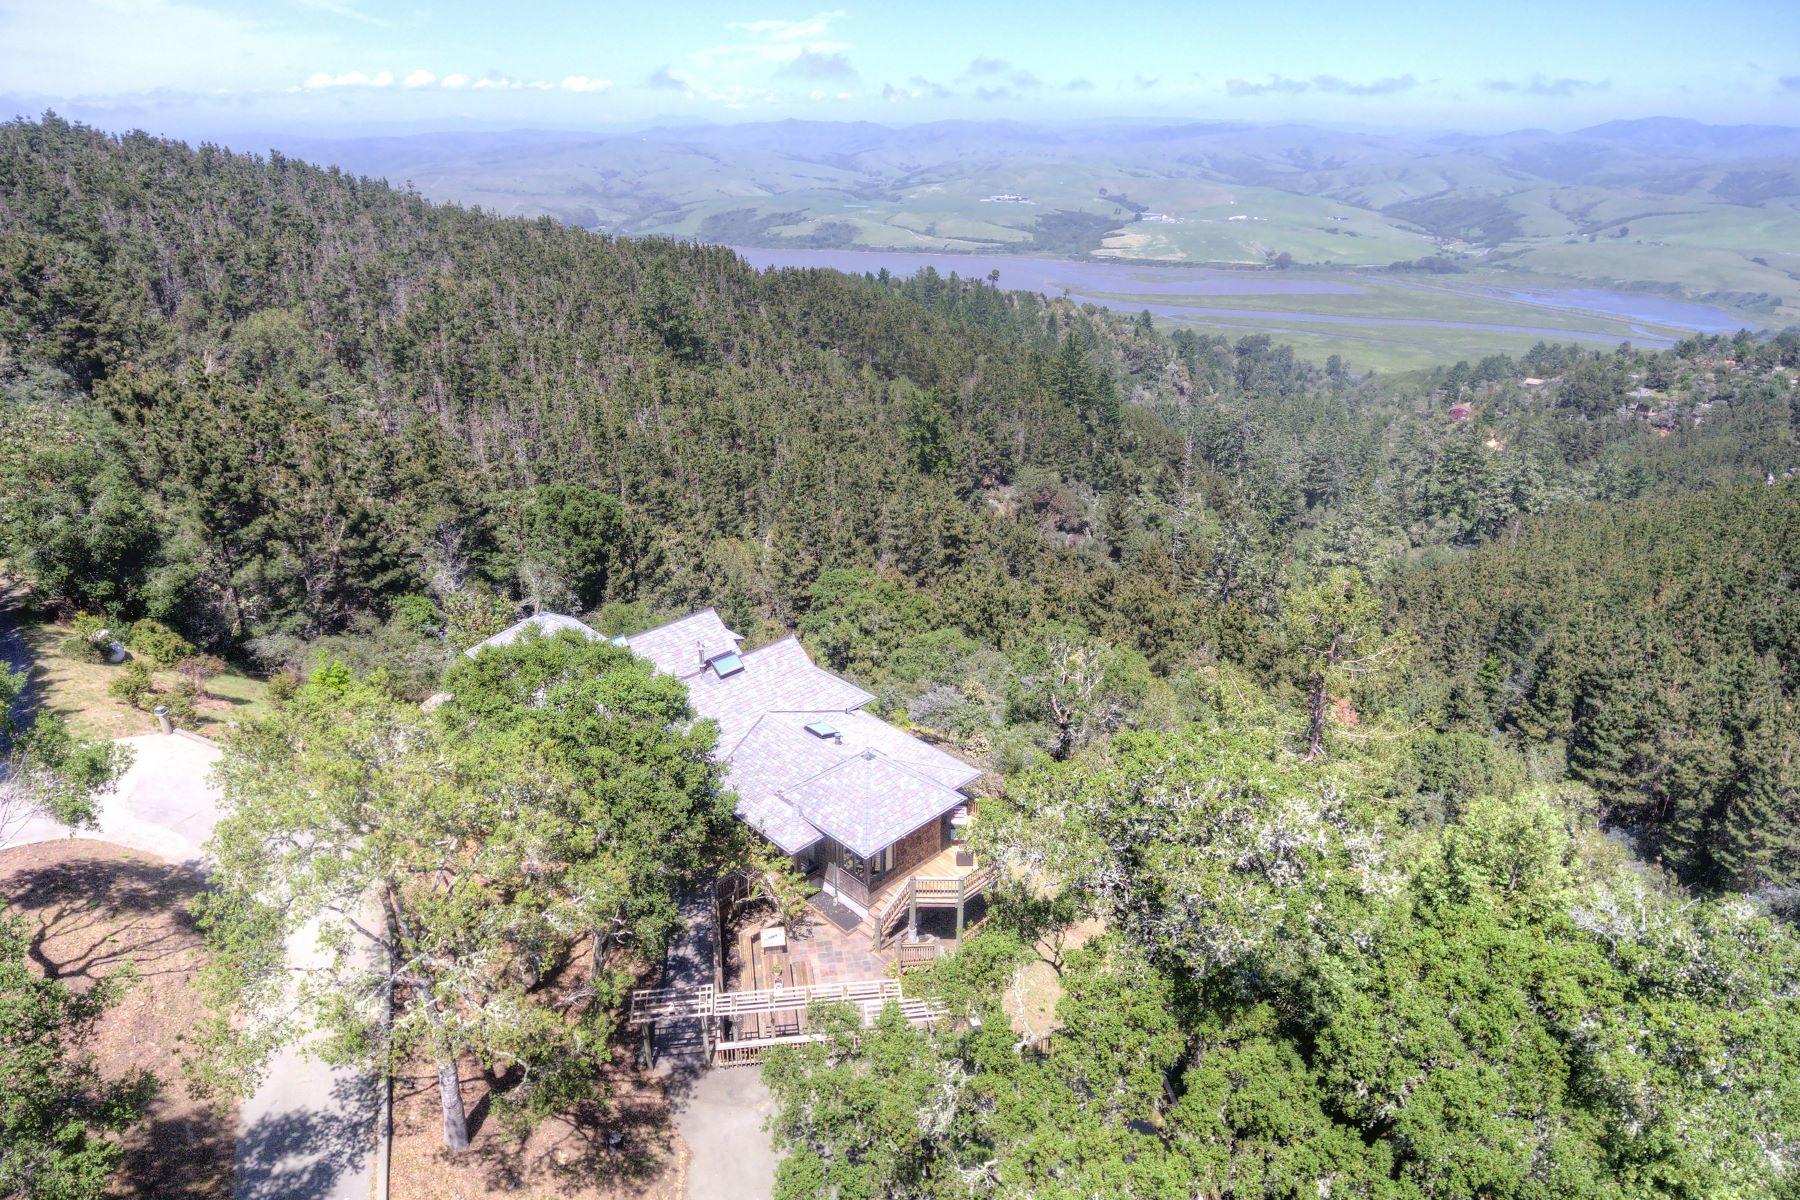 Частный односемейный дом для того Продажа на The Raven's Roost 30 Buck Point Road Inverness, Калифорния 94937 Соединенные Штаты